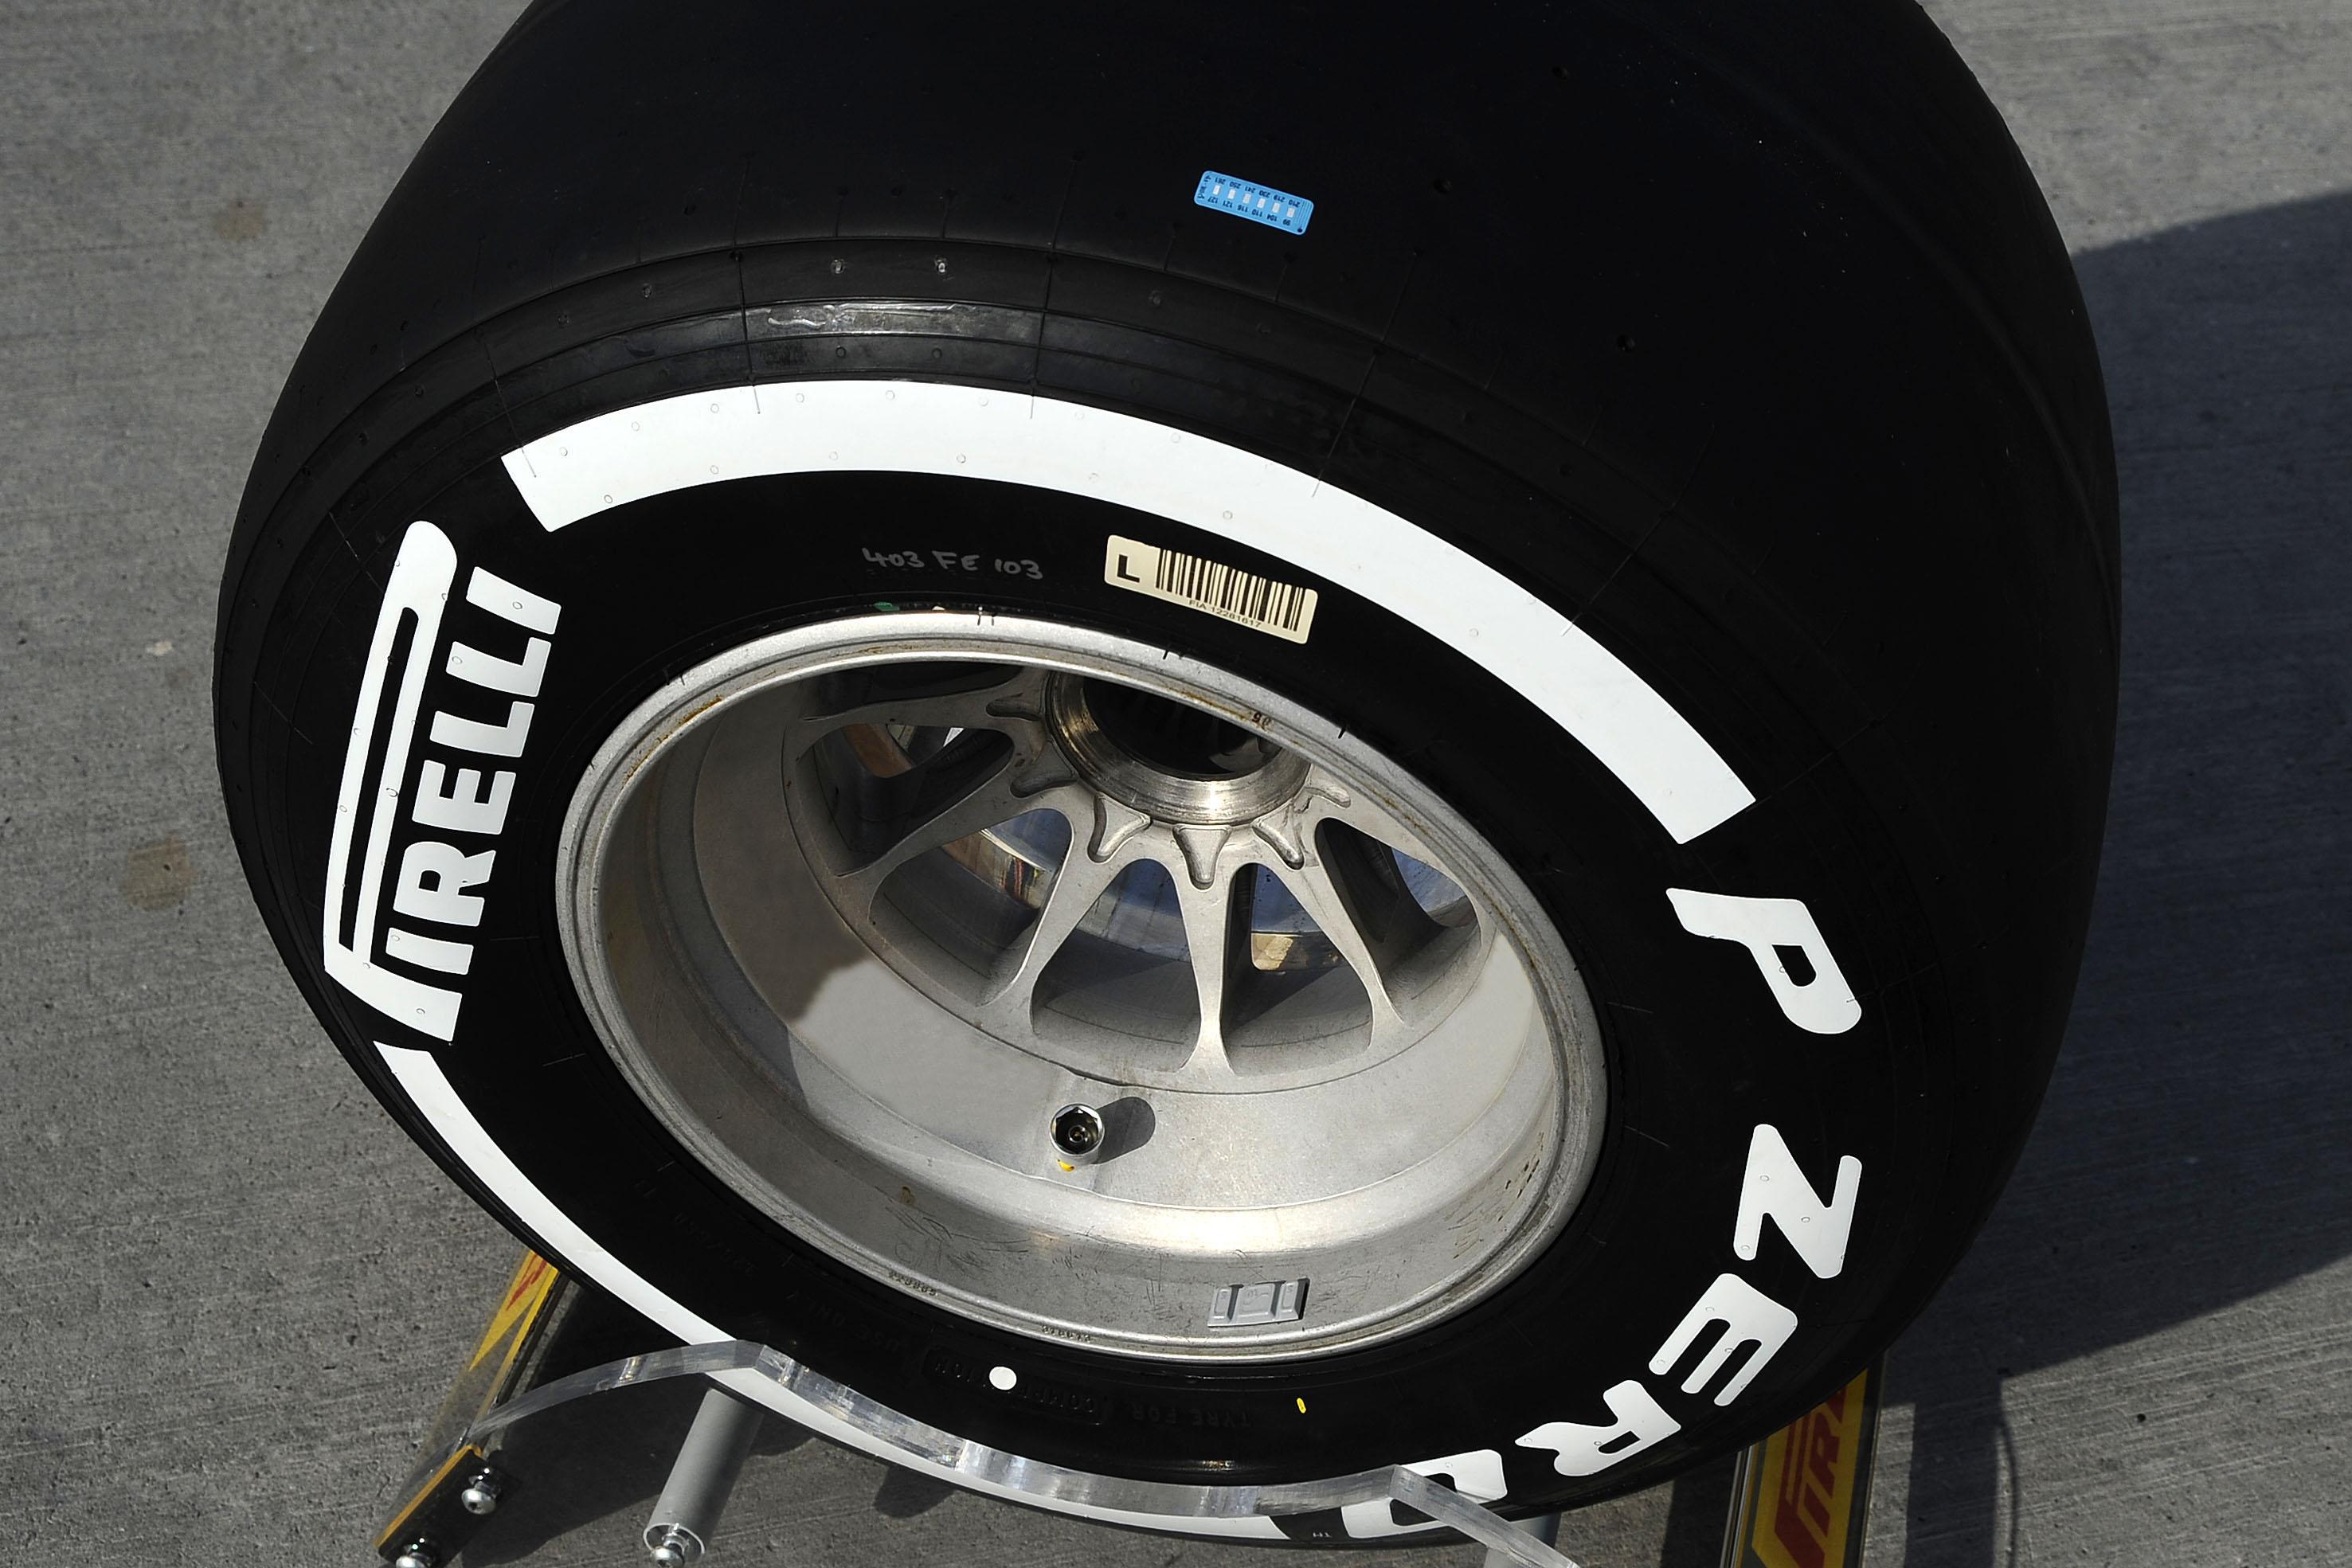 Pirelli sperimenta gli sticker-termometro per le gomme